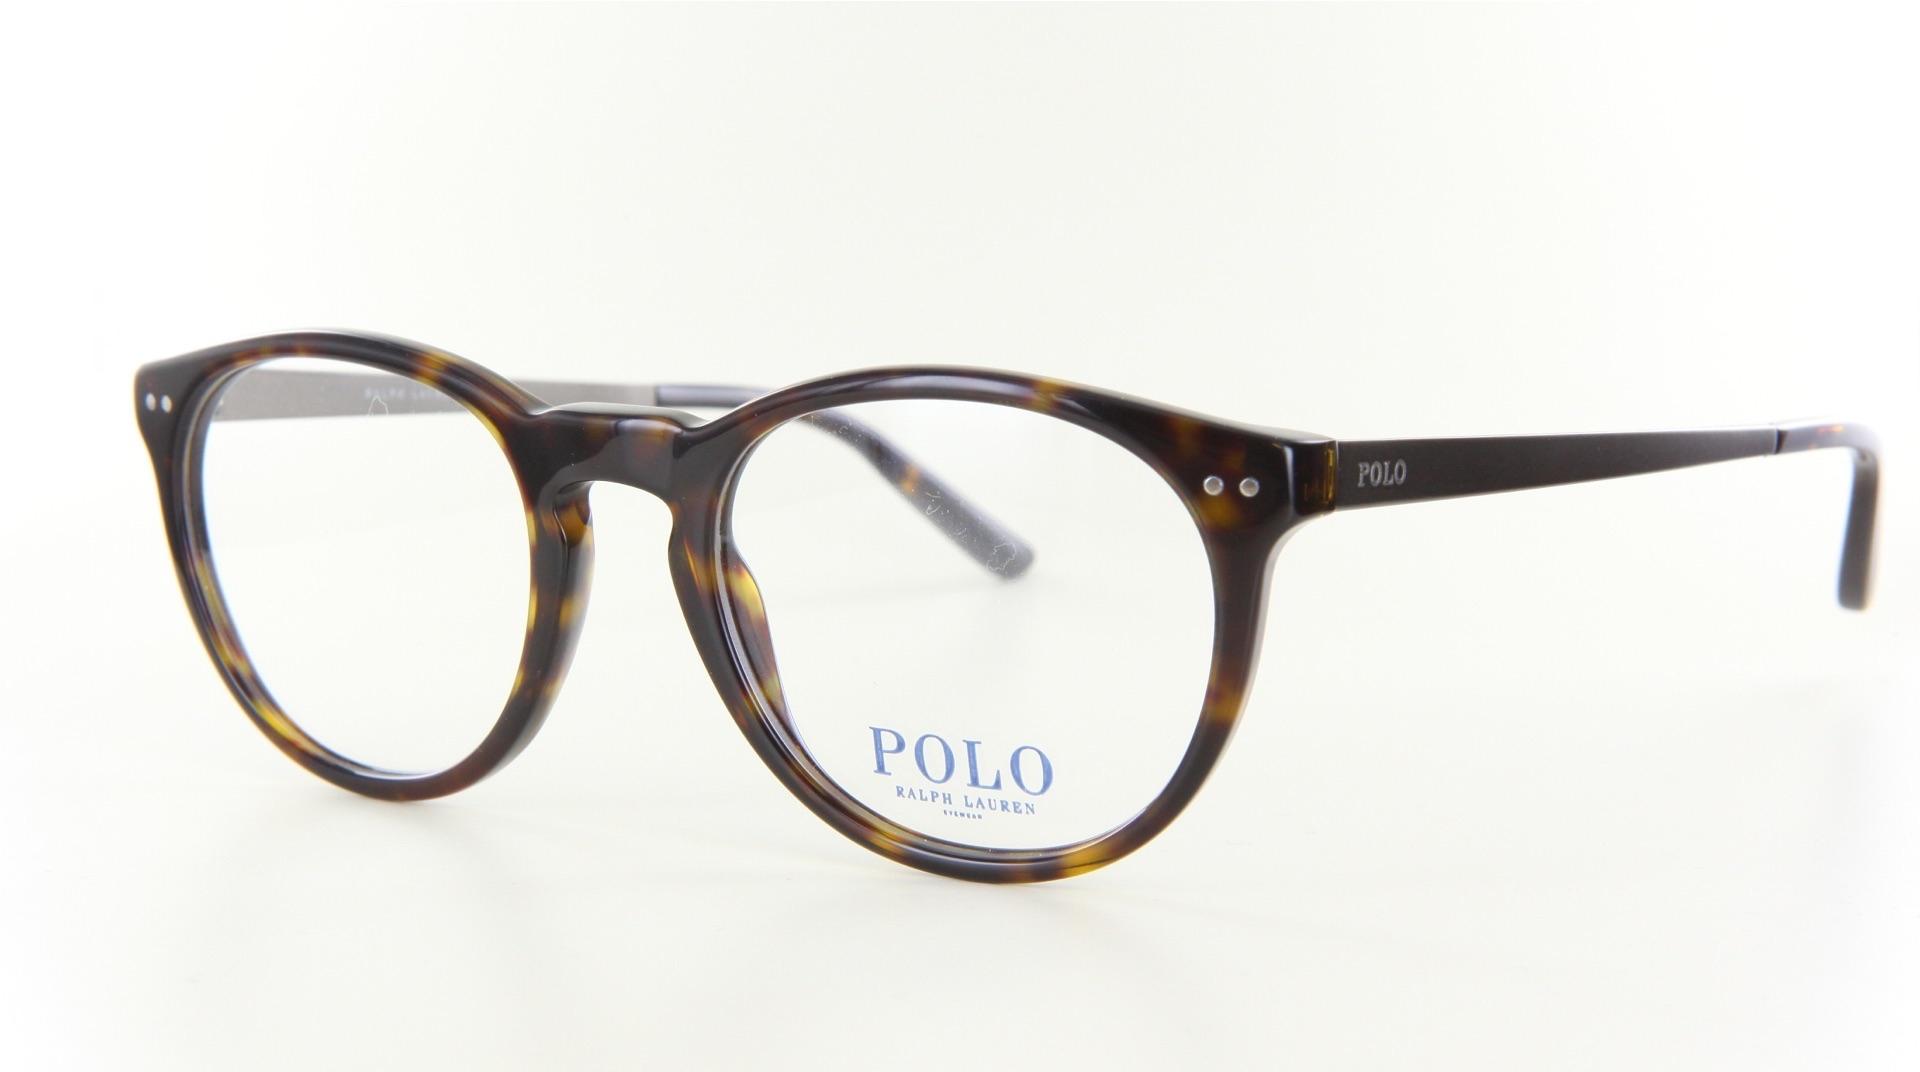 Polo Ralph Lauren - ref: 76347